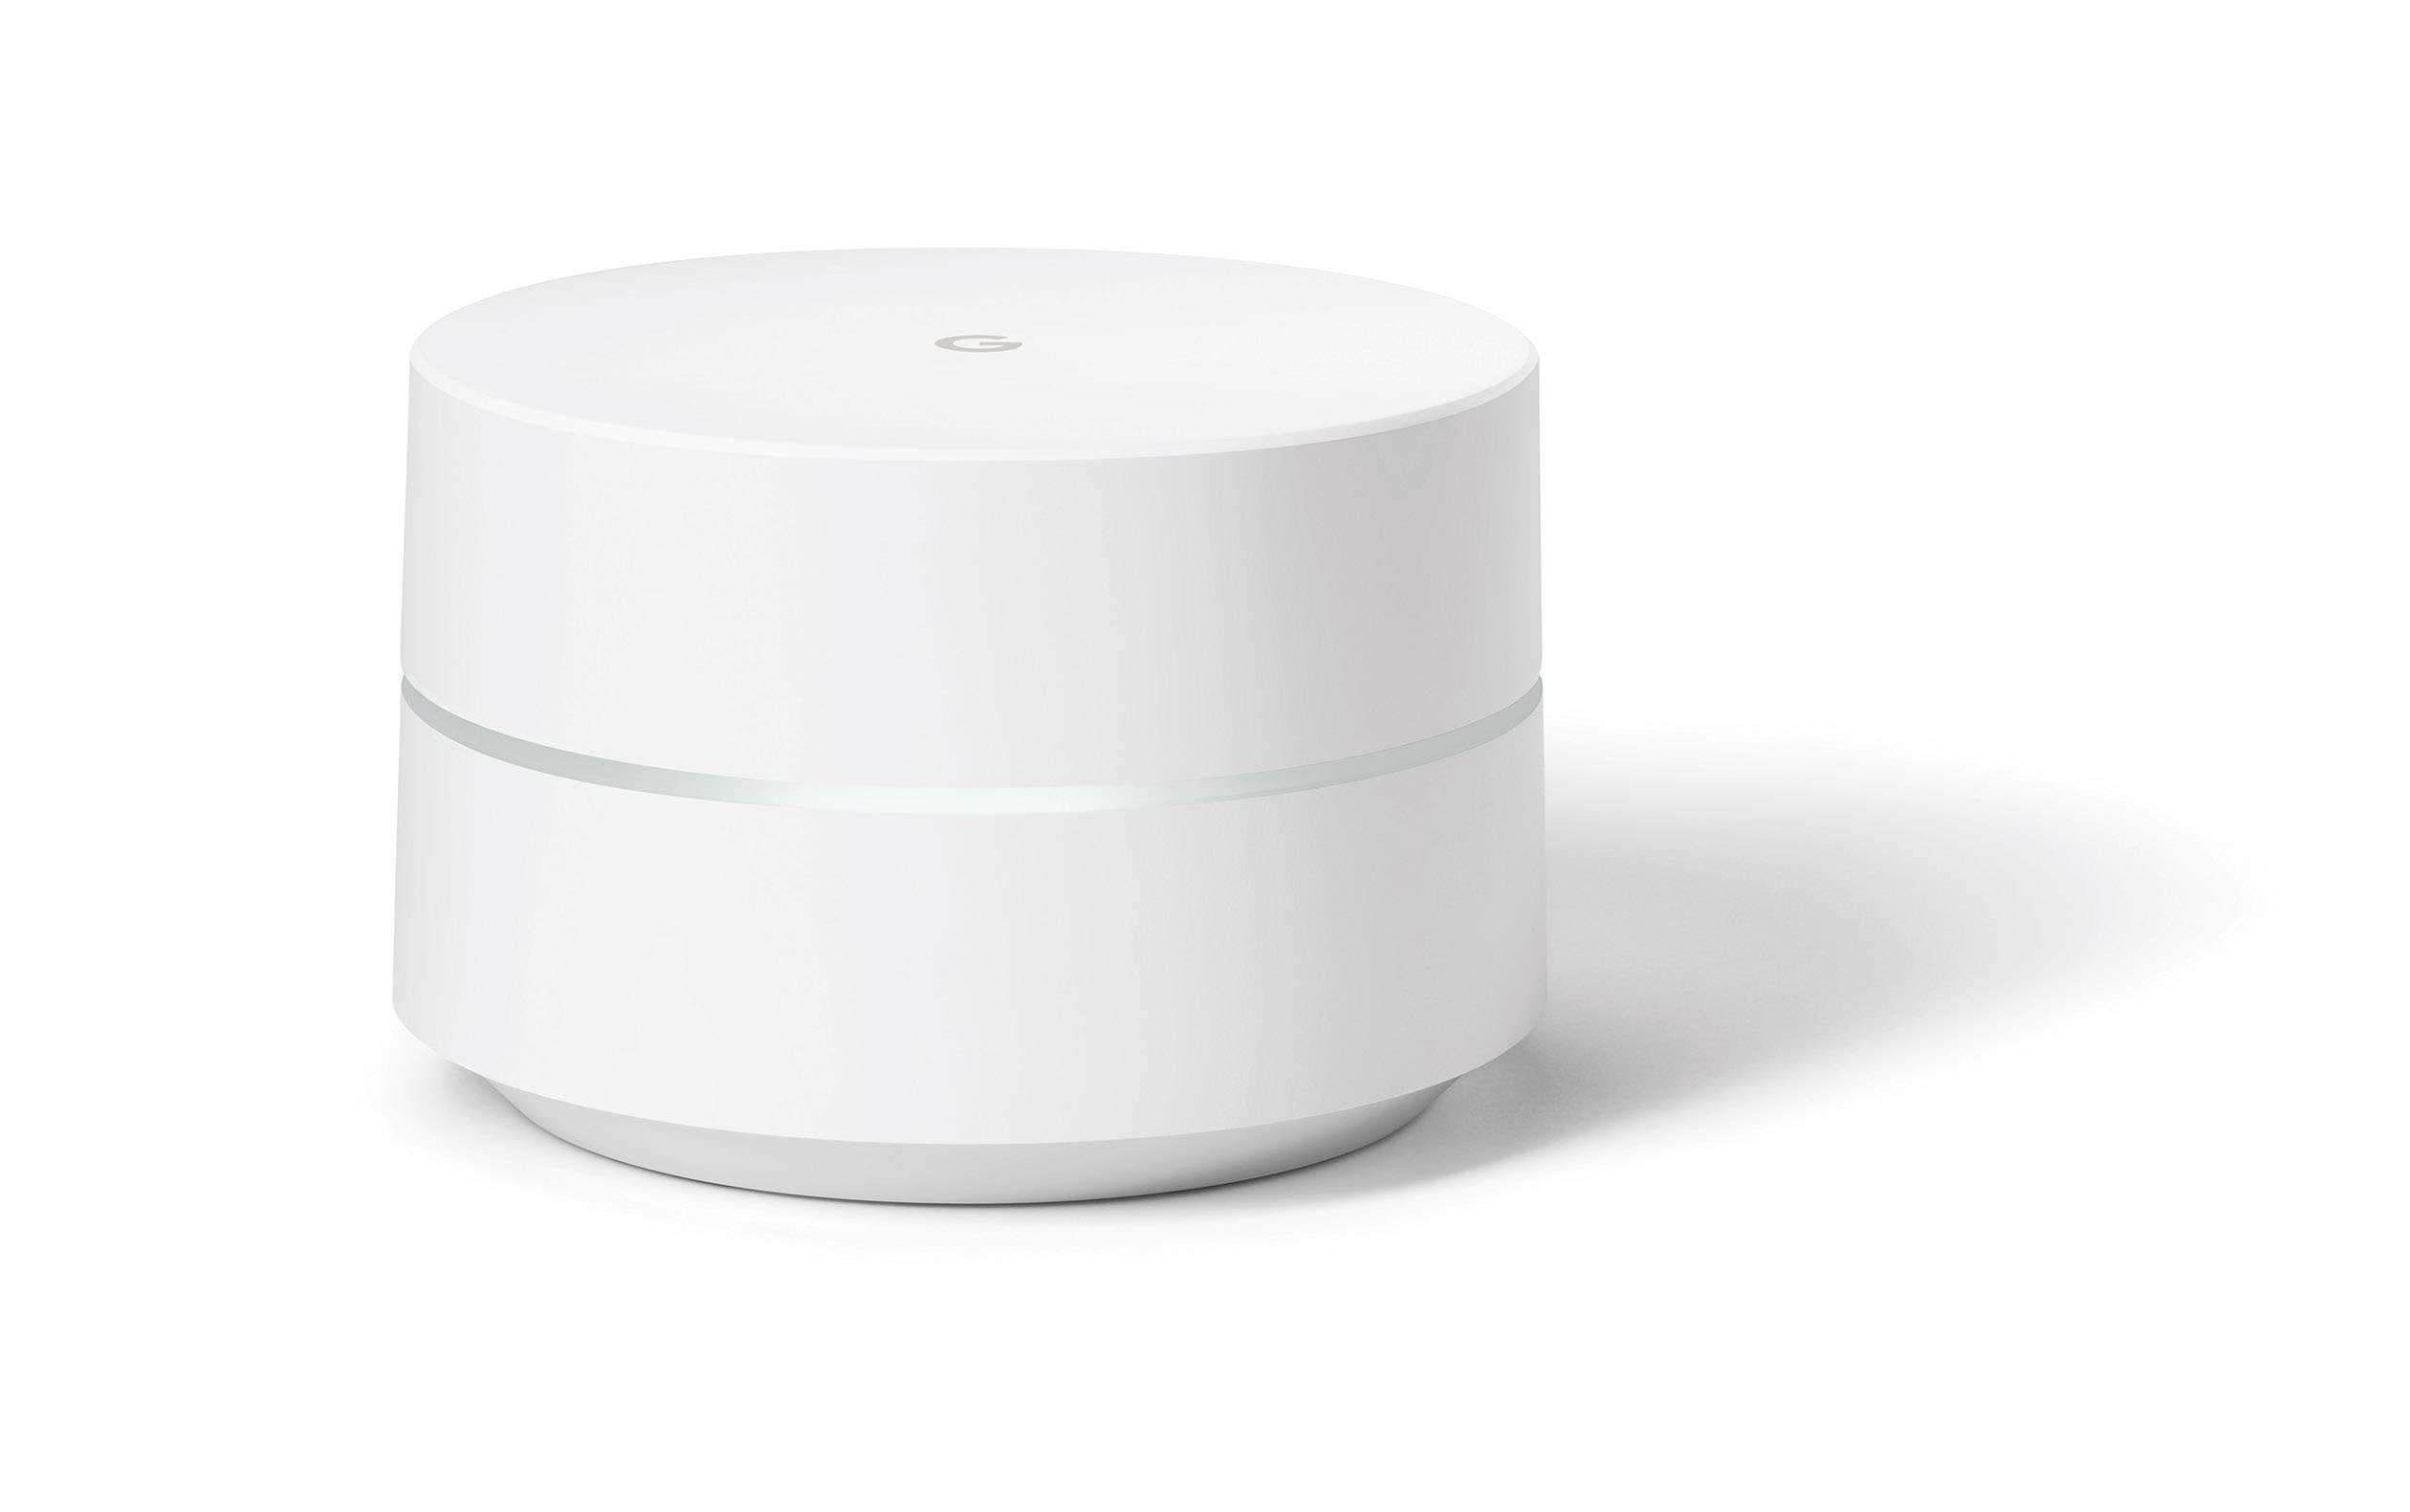 Wi-Fi prístupový bod Google WiFi GA00157-DE, 2.4 GHz, 5 GHz